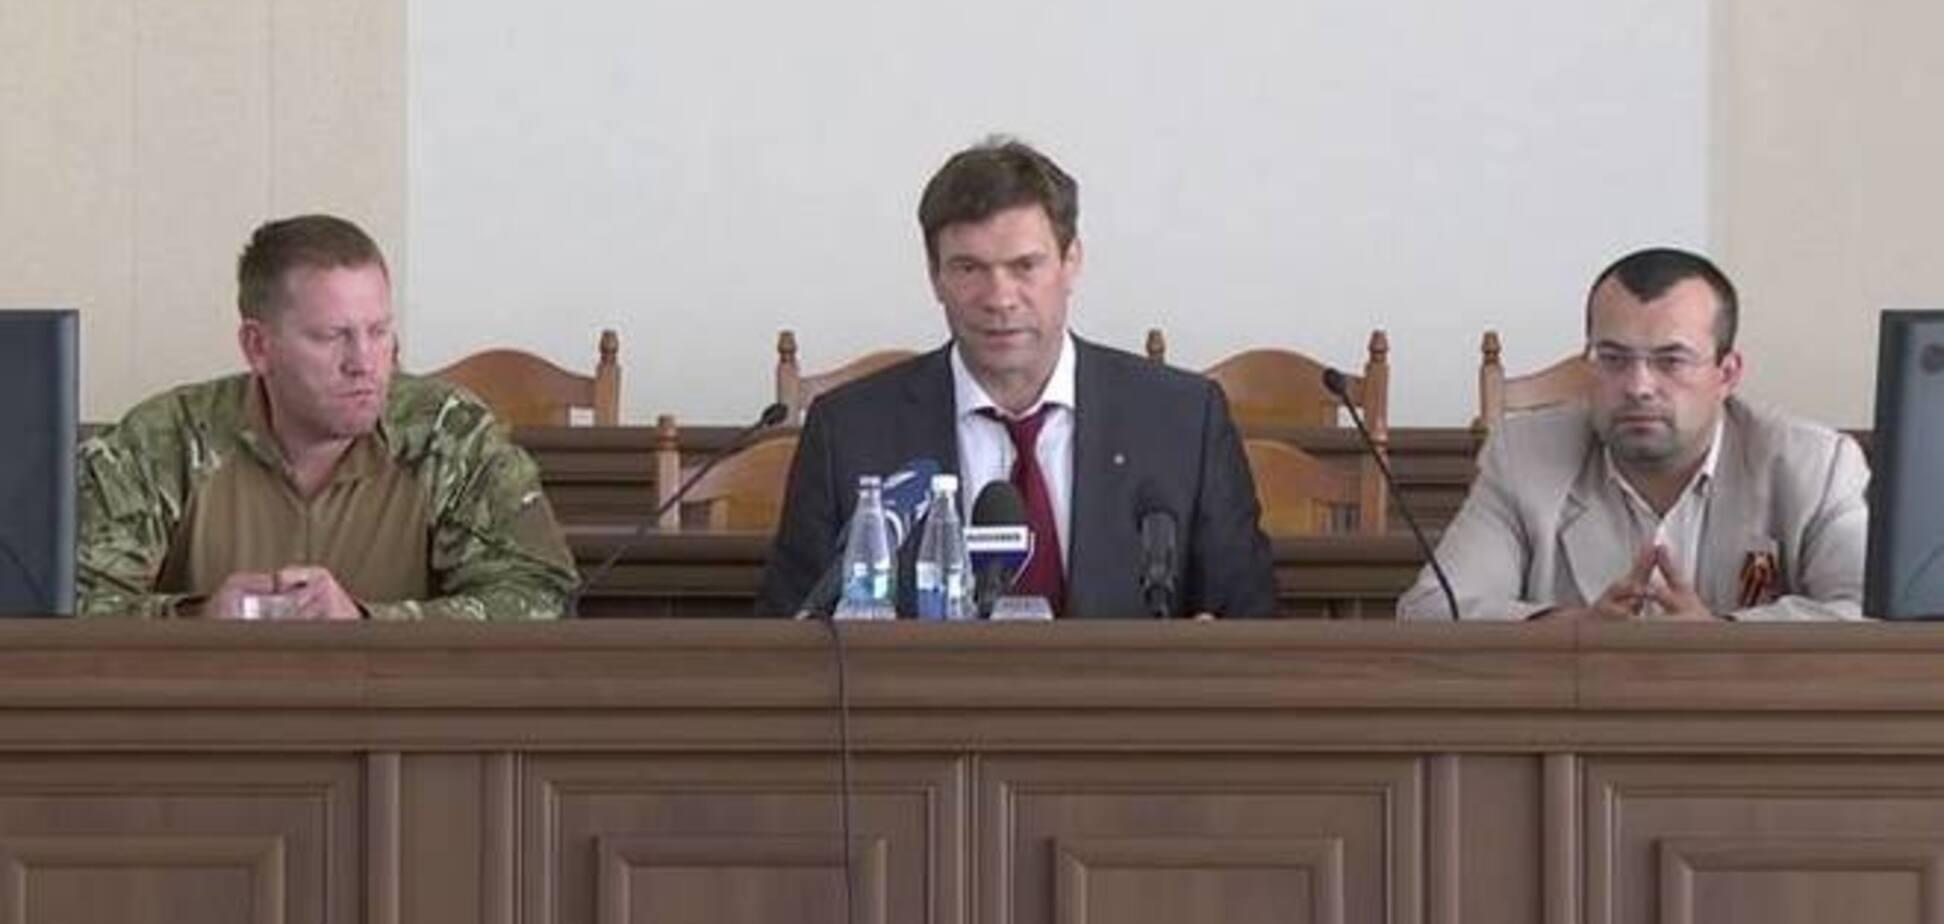 Царев похвастался созданием 'легитимного государства Новороссия'